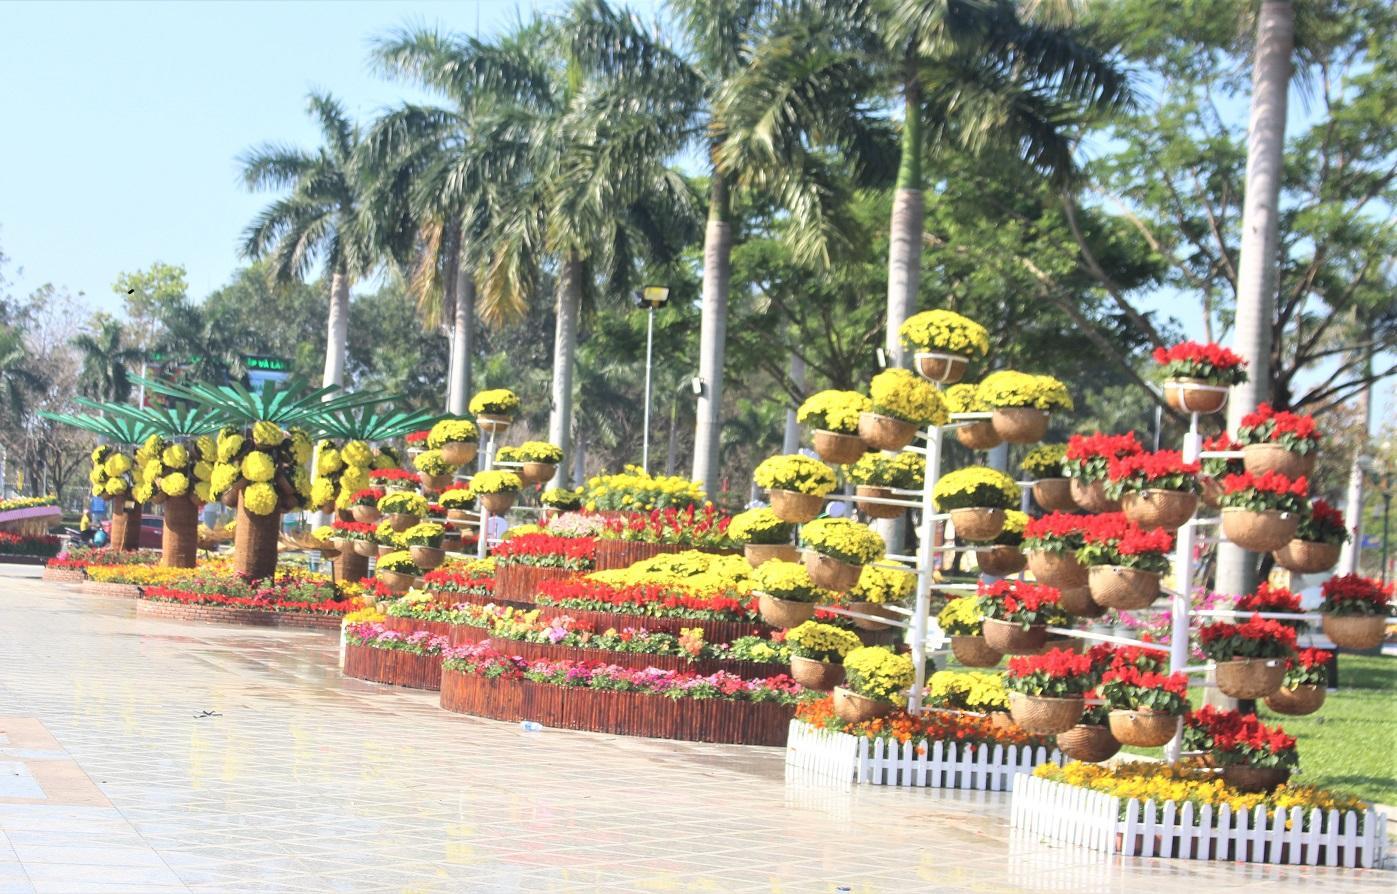 Quảng Nam: Quảng trường 24-3 rực rỡ trước Tết Canh Tý 2020 Ảnh 6